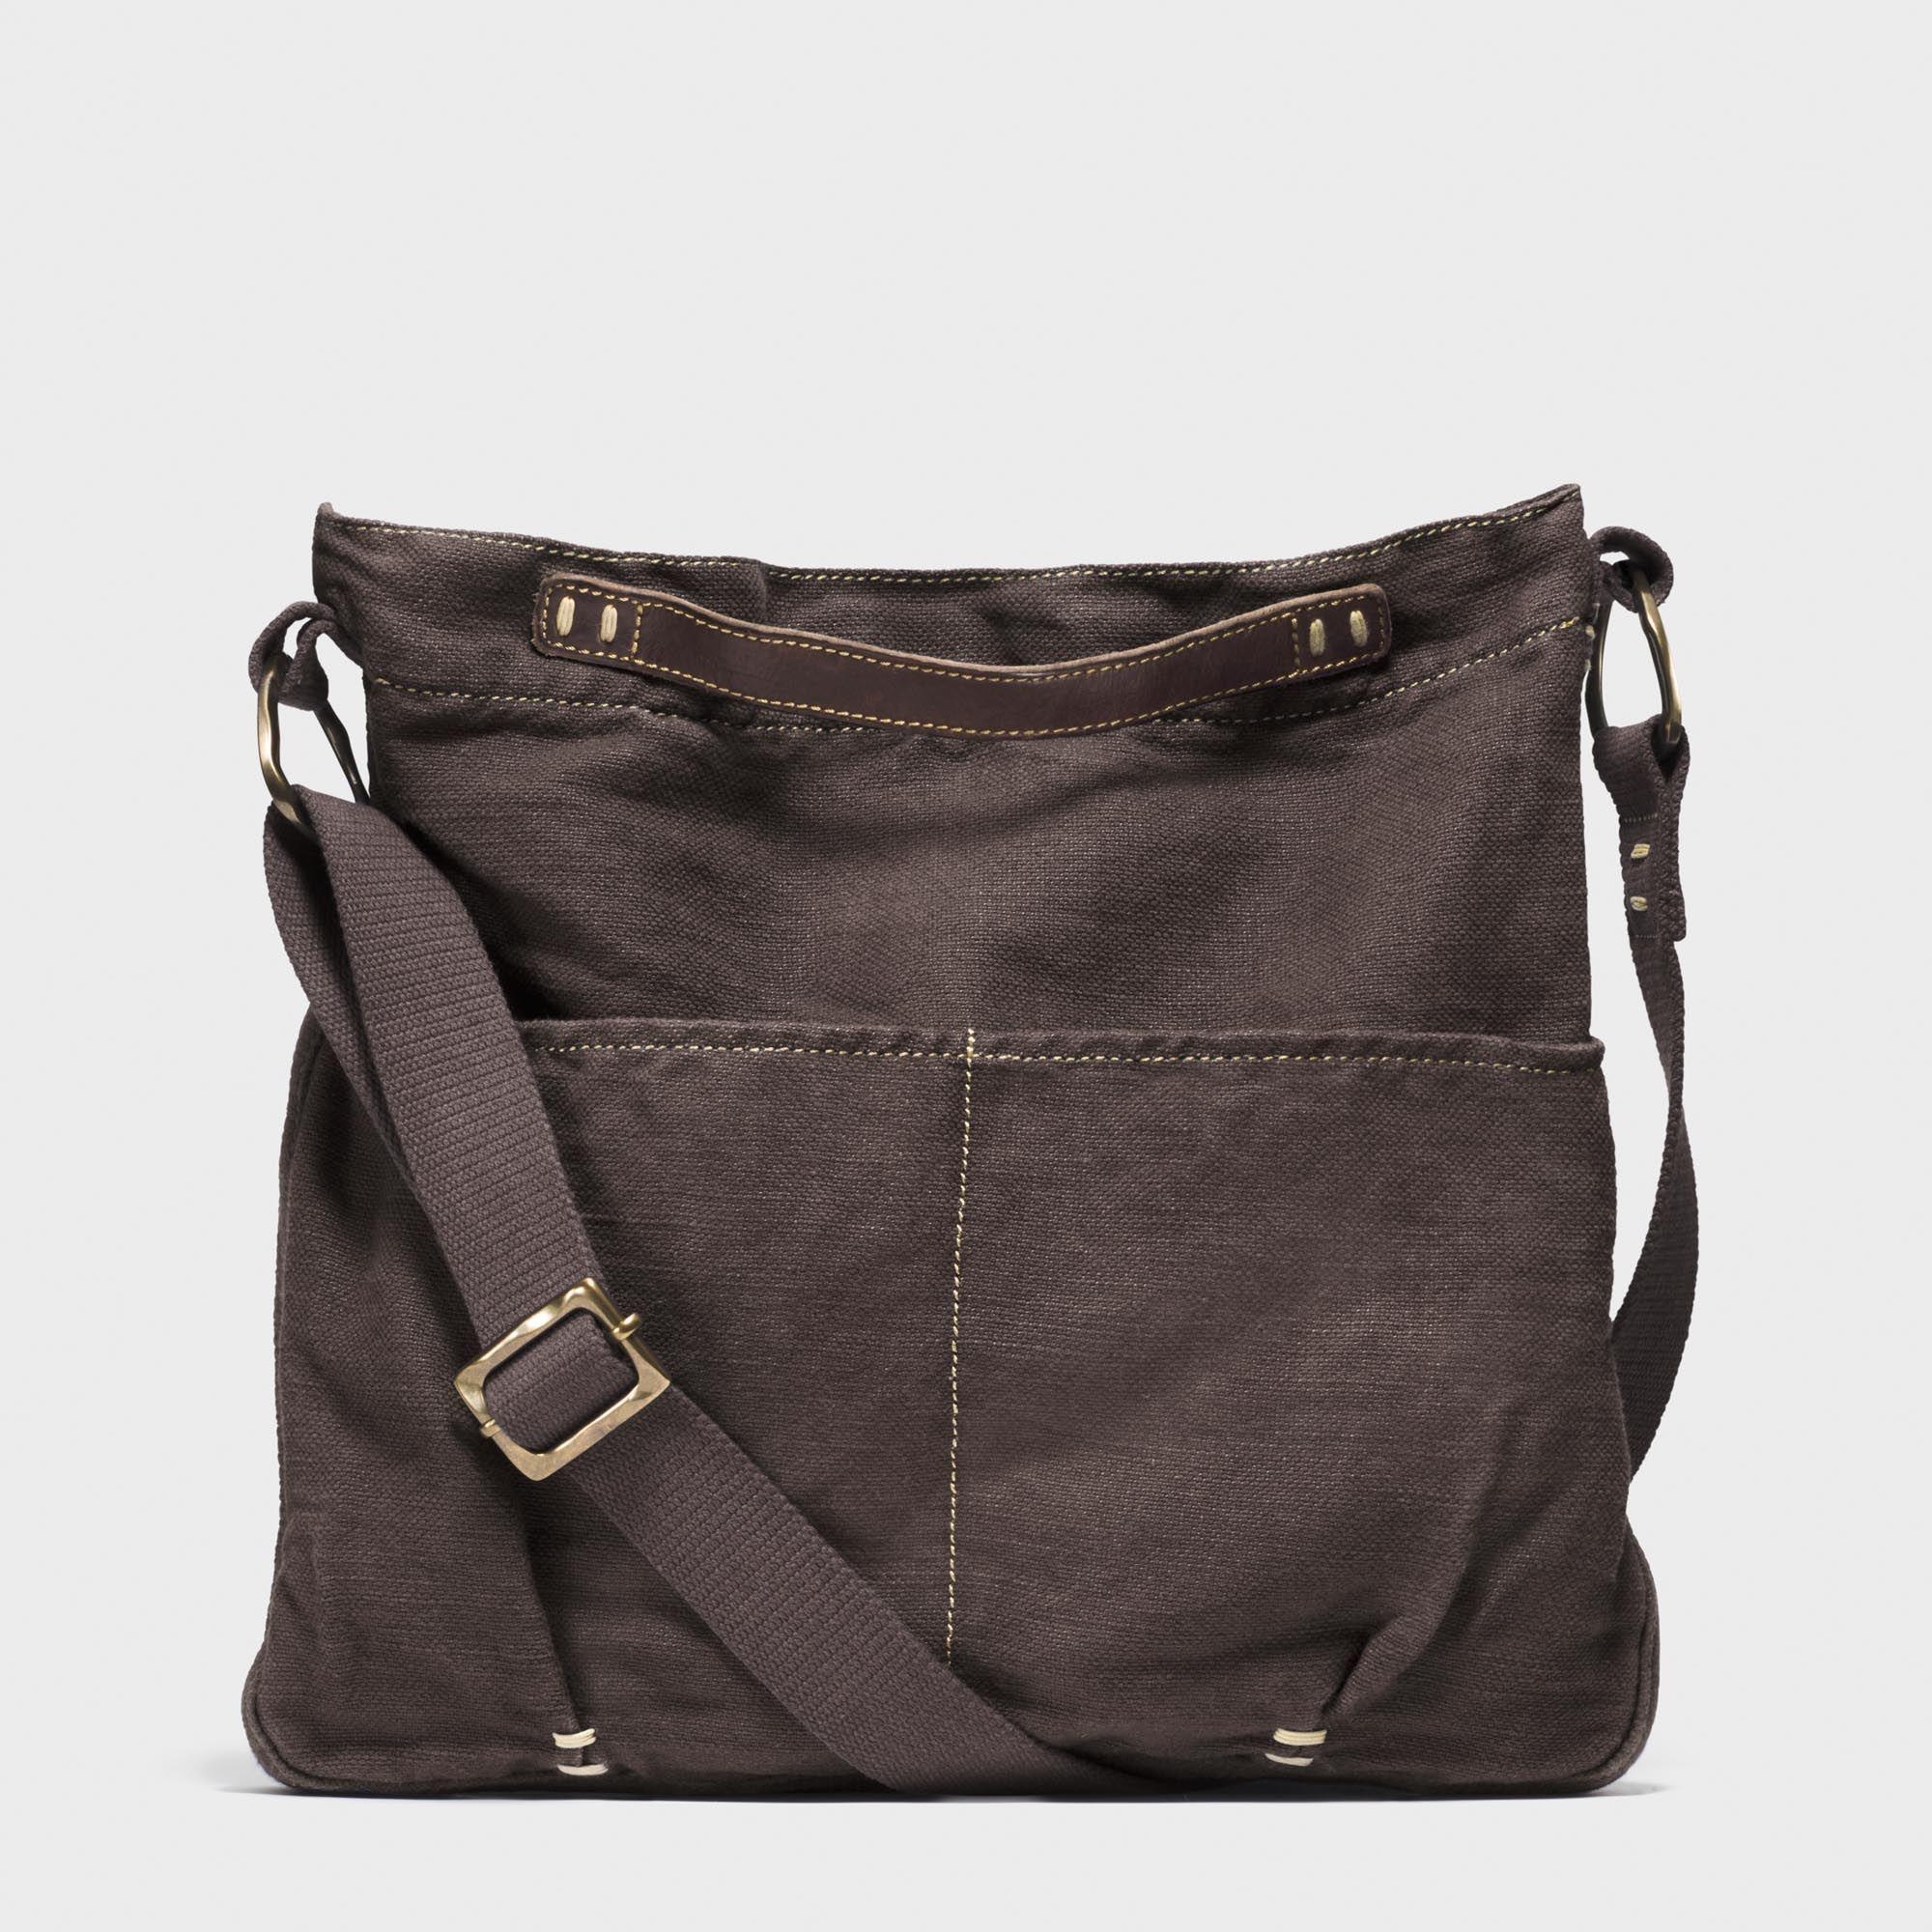 Novica Leather handbag, Sands of Ica - Brown Leather Sling Handbag